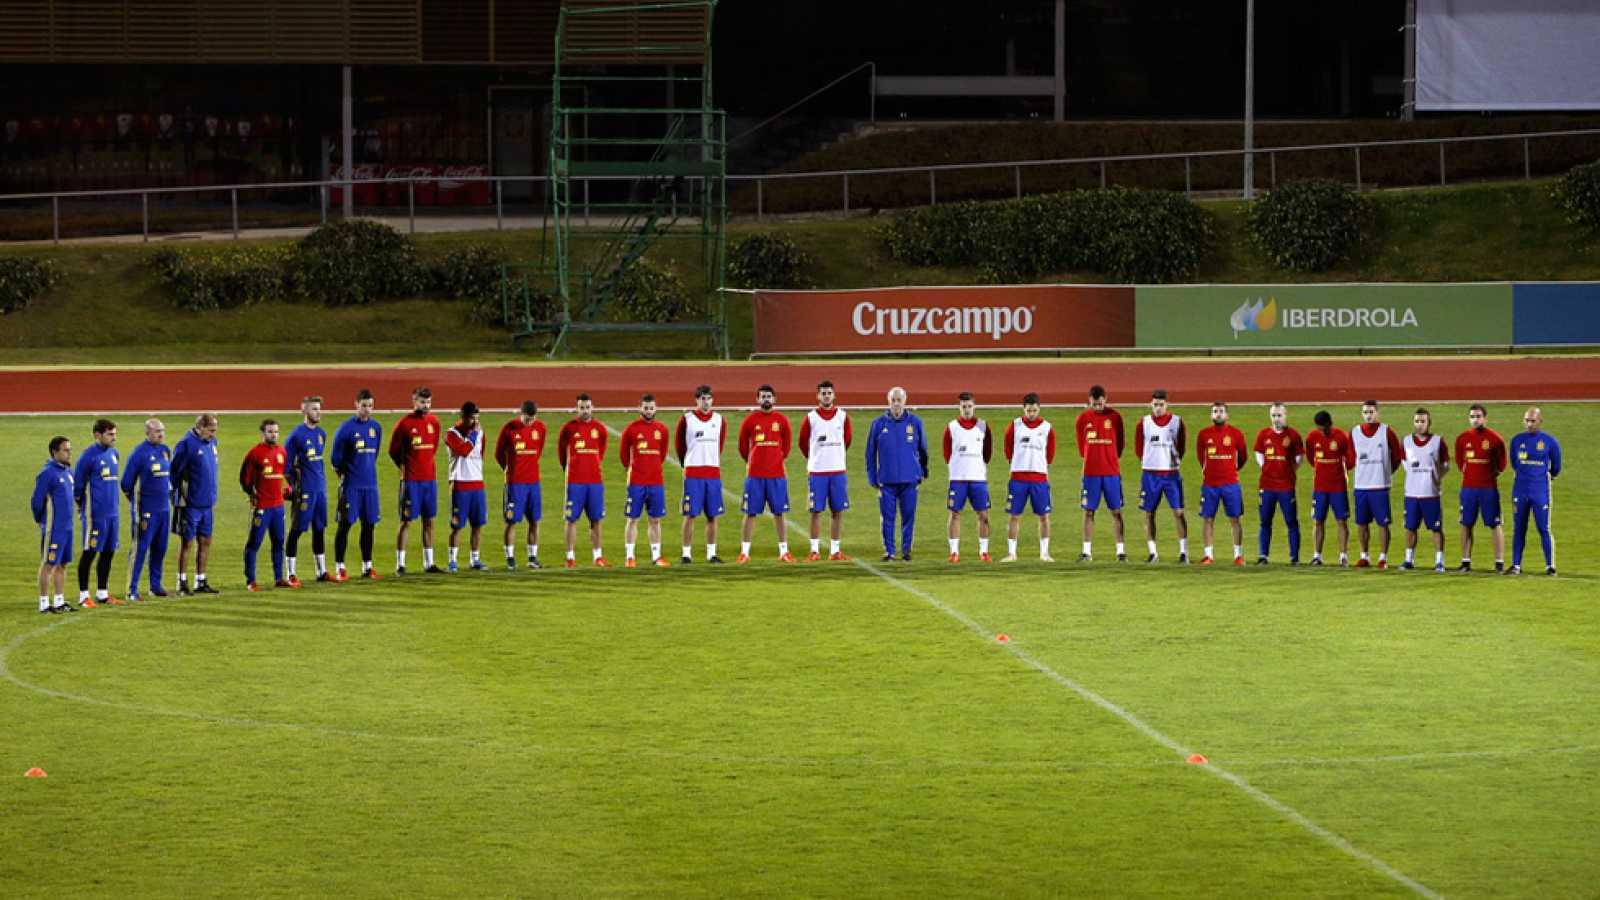 La selección guarda un minuto de silencio en el entrenamiento - RTVE.es